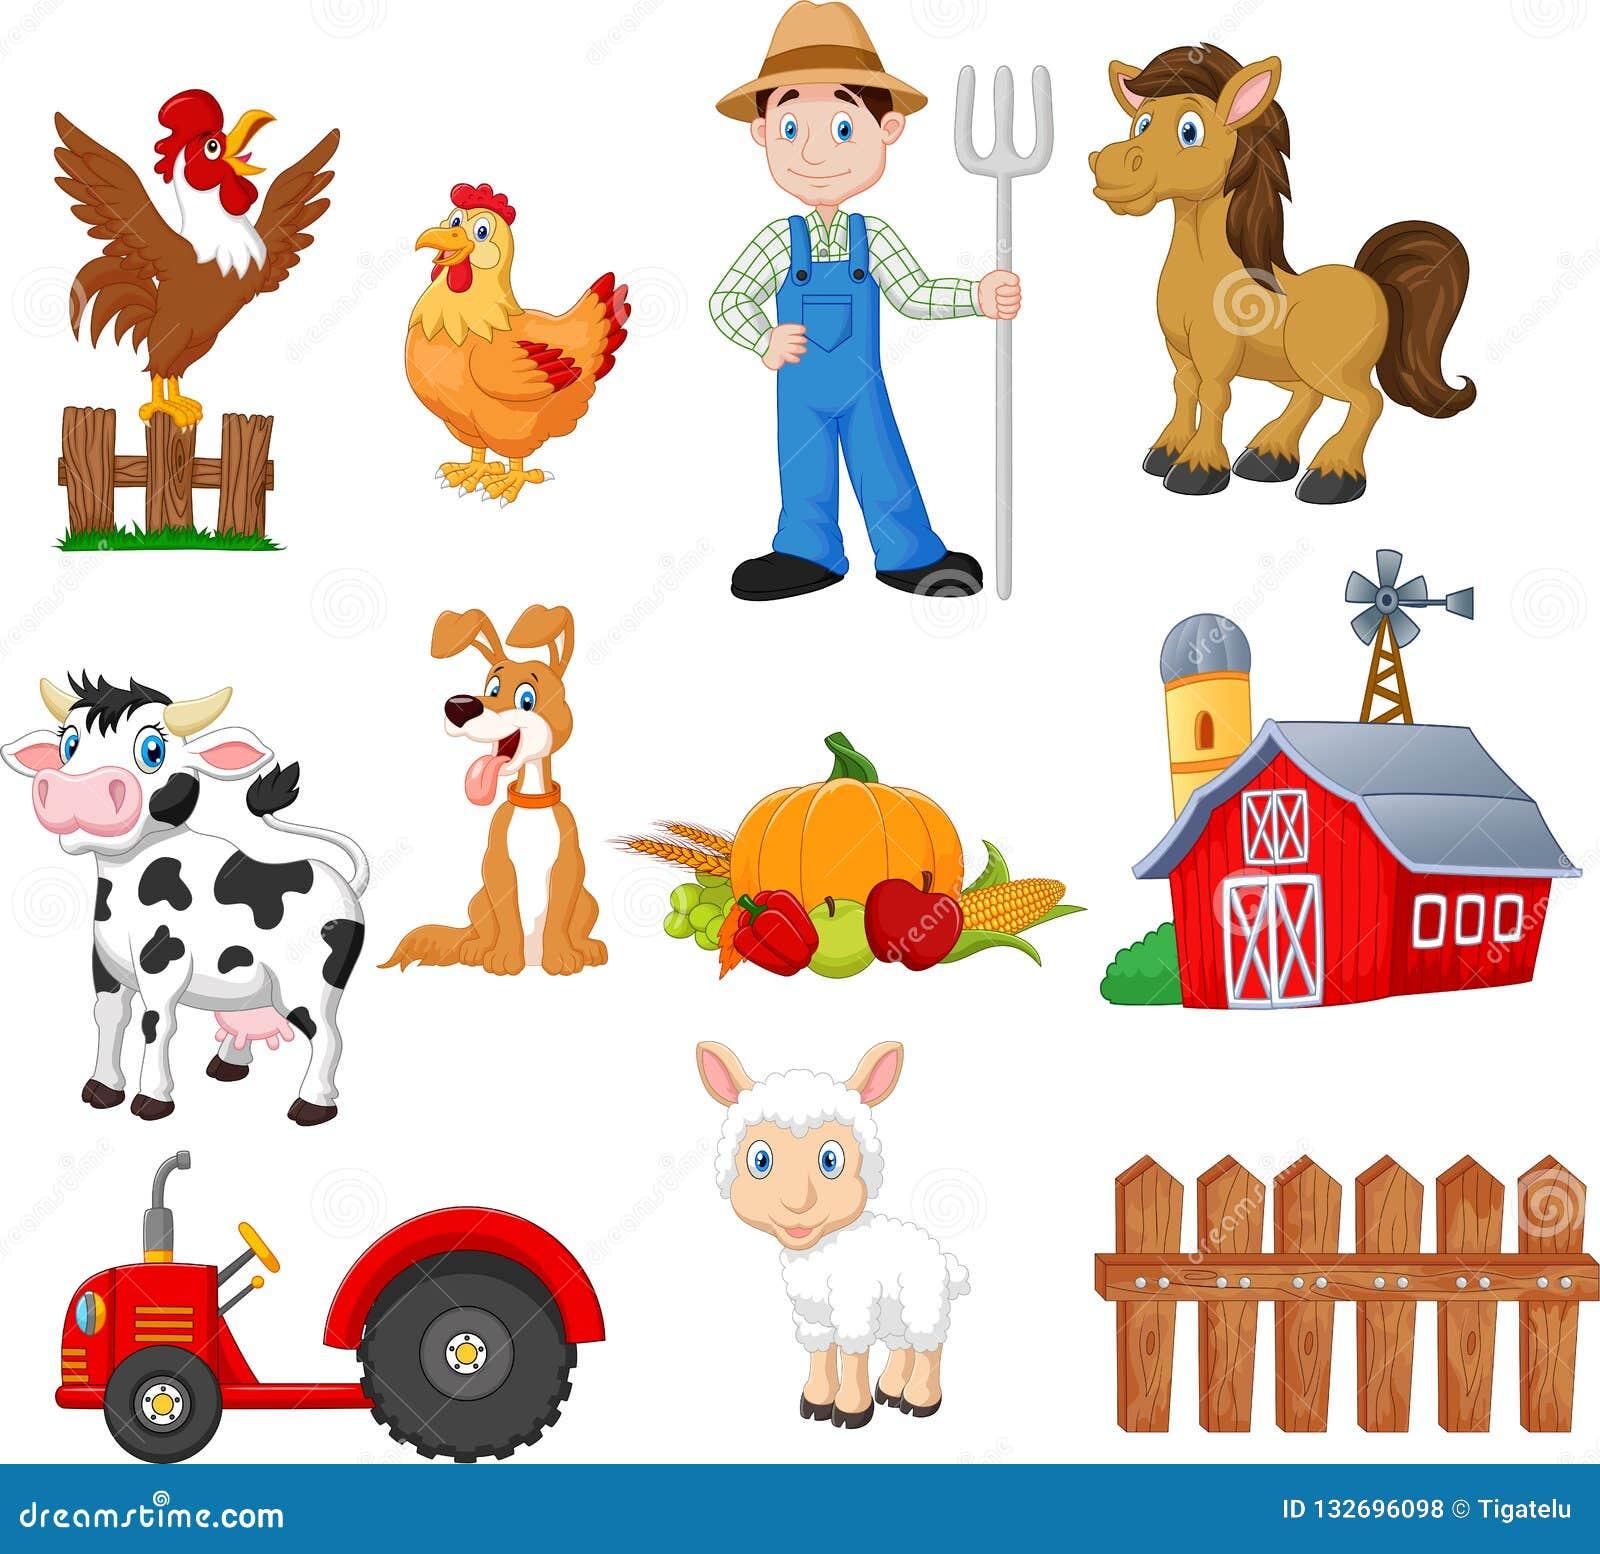 Σύνολο κινούμενων σχεδίων καλλιέργειας με τον αγρότη, τρακτέρ, σιταποθήκη, ζώα, φρούτα και λαχανικά